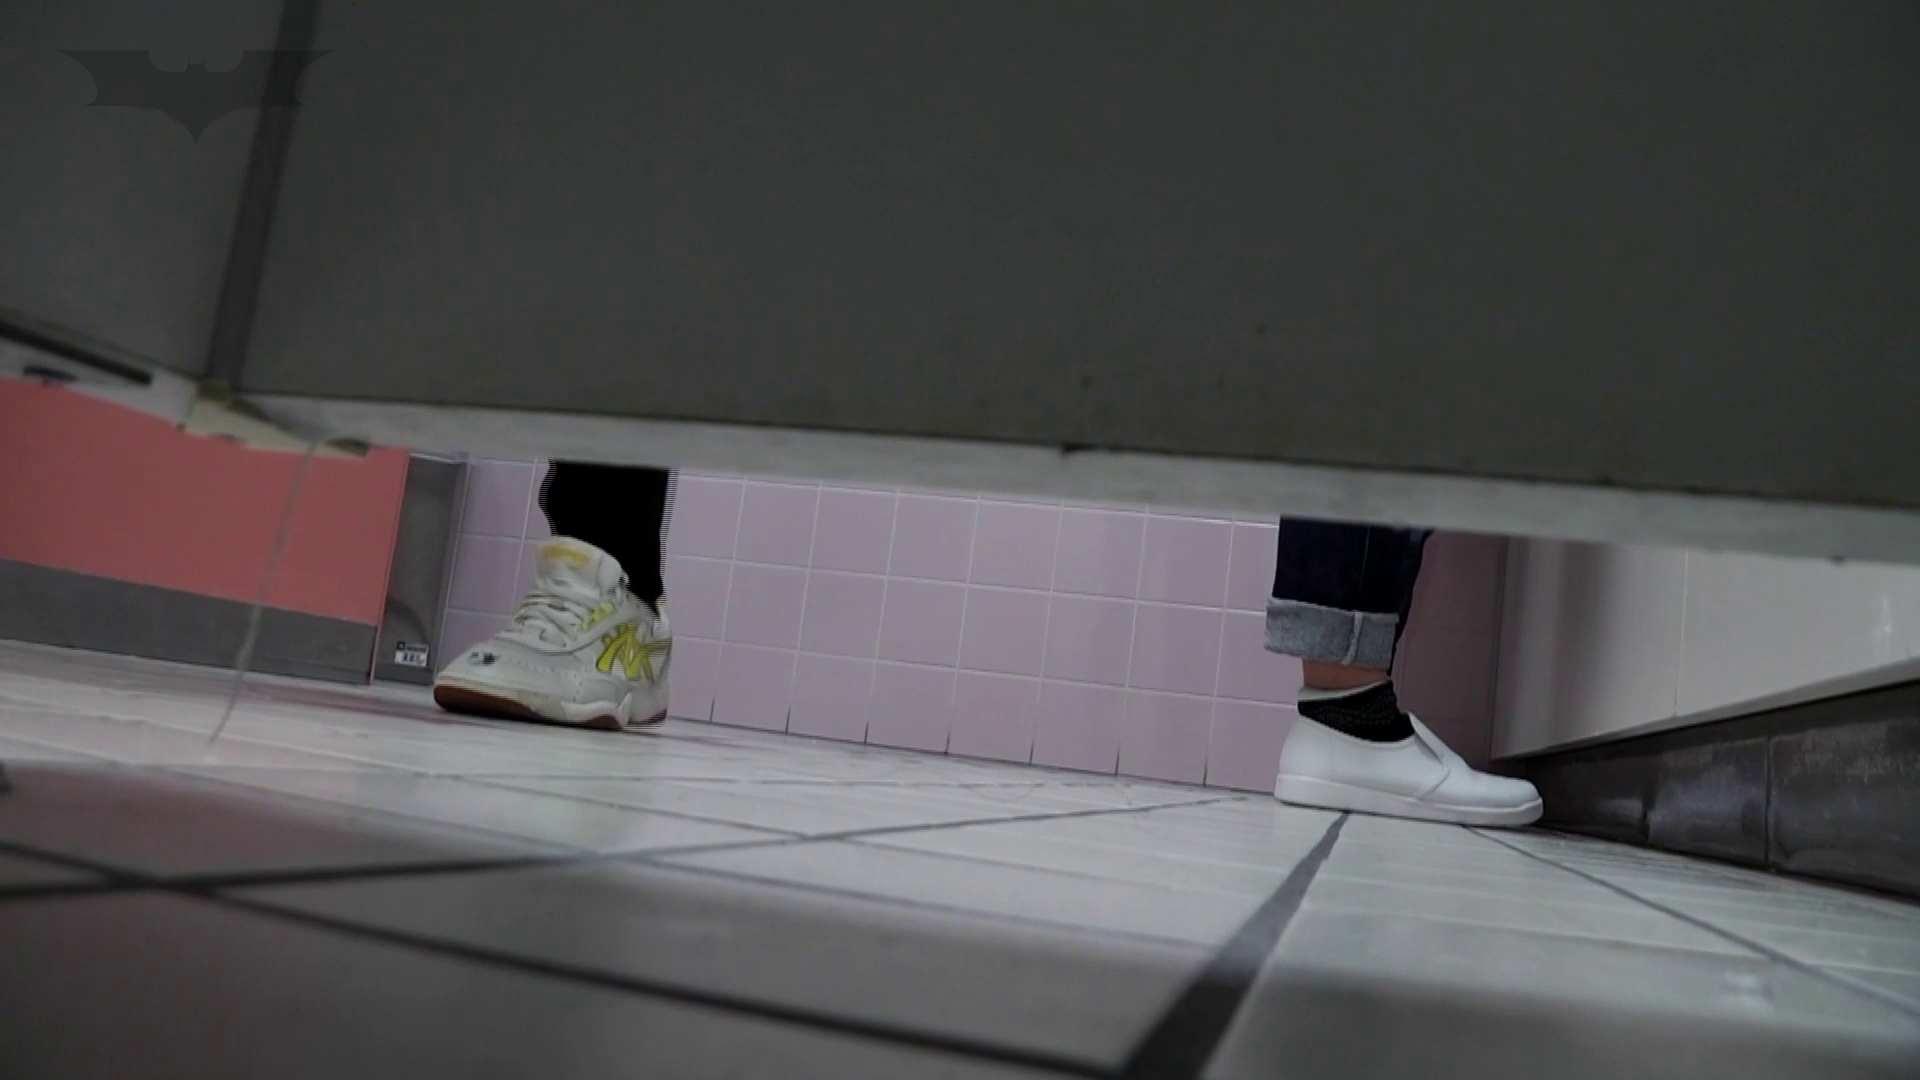 無修正ヌード 美しい日本の未来 No.31 新しいアングルに挑戦 怪盗ジョーカー